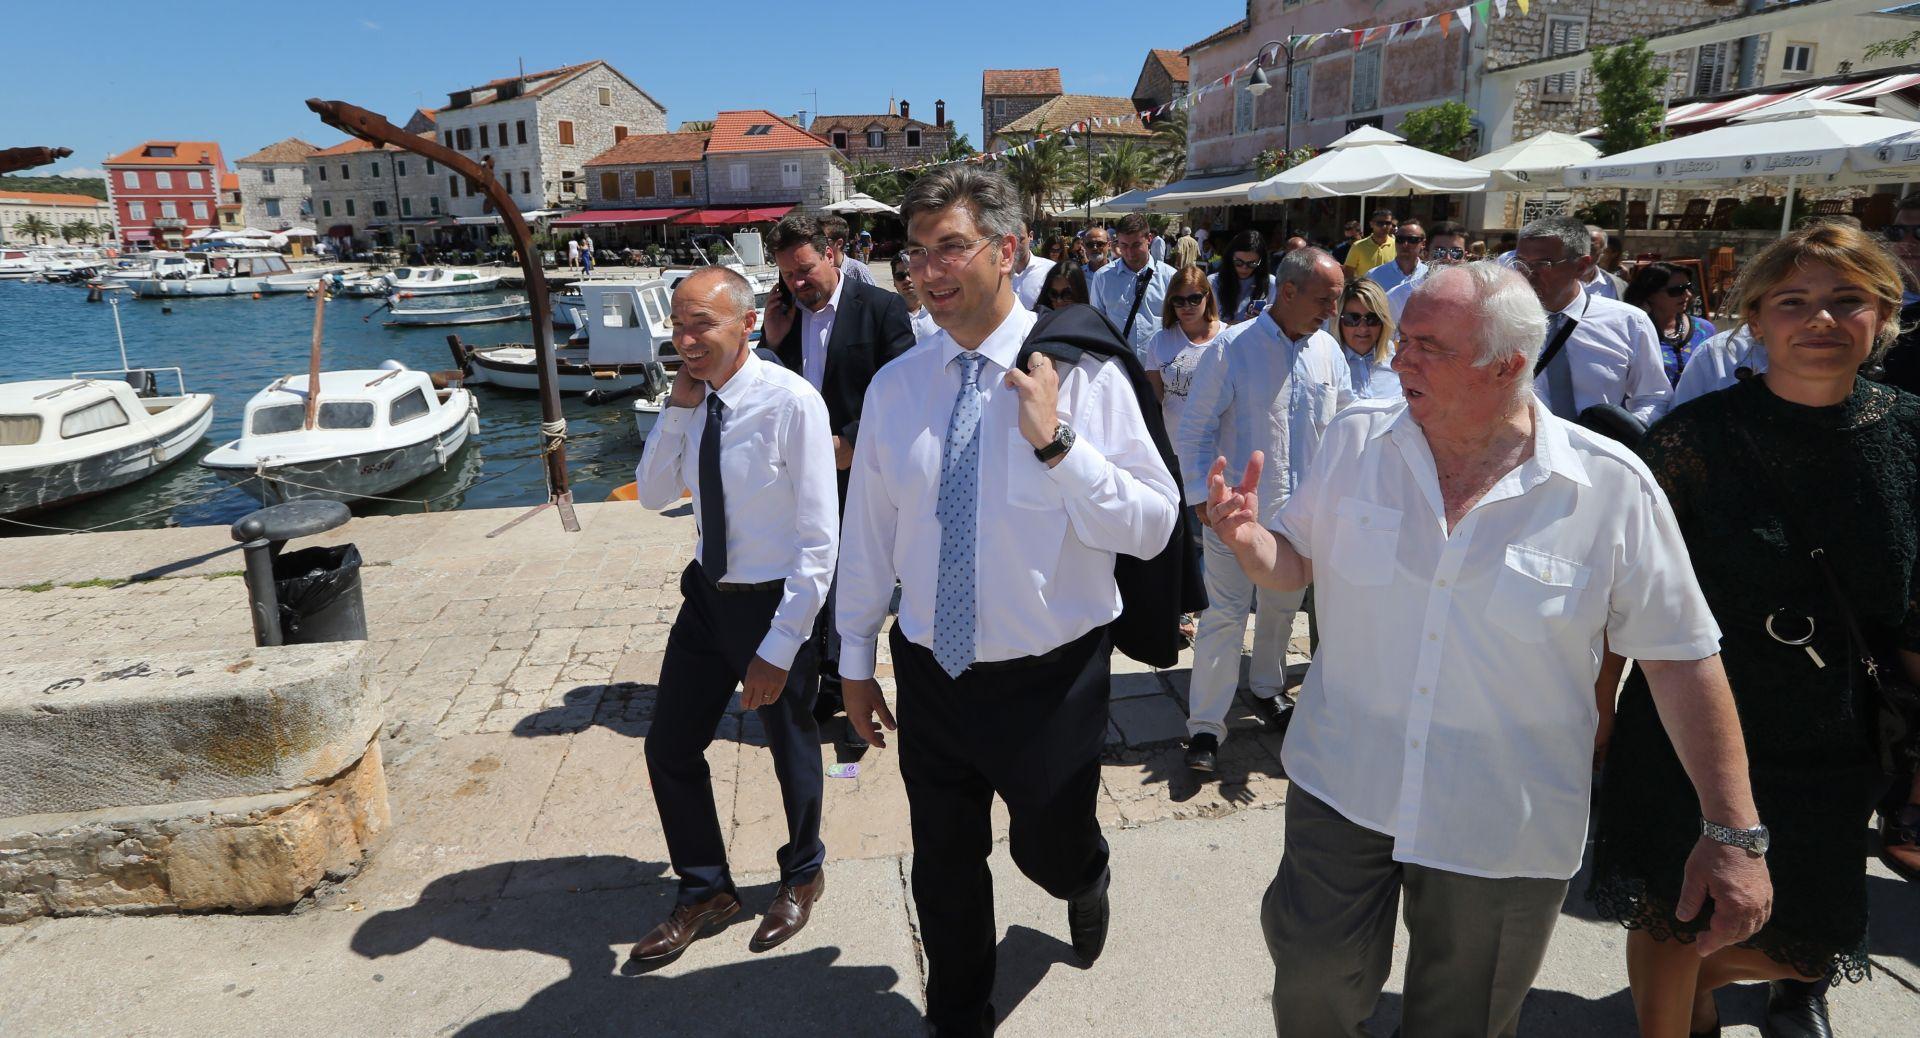 Plenković u Starome Gradu počeo izbornu kampanju HDZ-a, zahvalio hvarskim ribarima i težacima